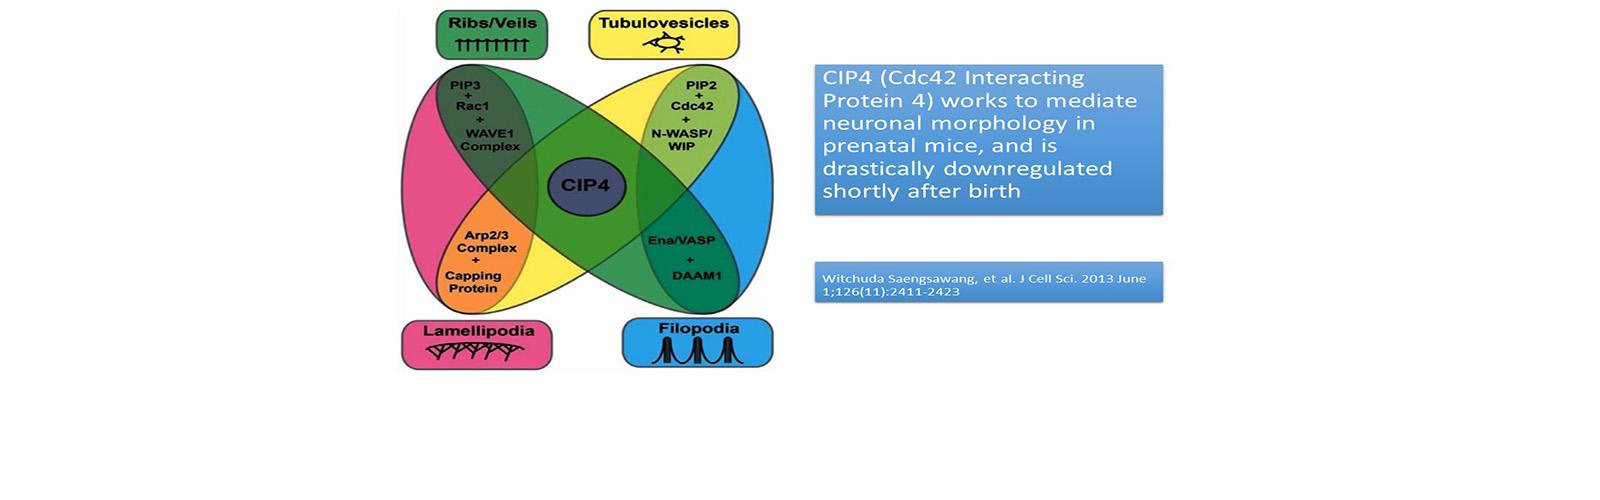 CIP4 (Cdc42 interacting protein 4) Diagram describing neuronal morphology in prenatal mice